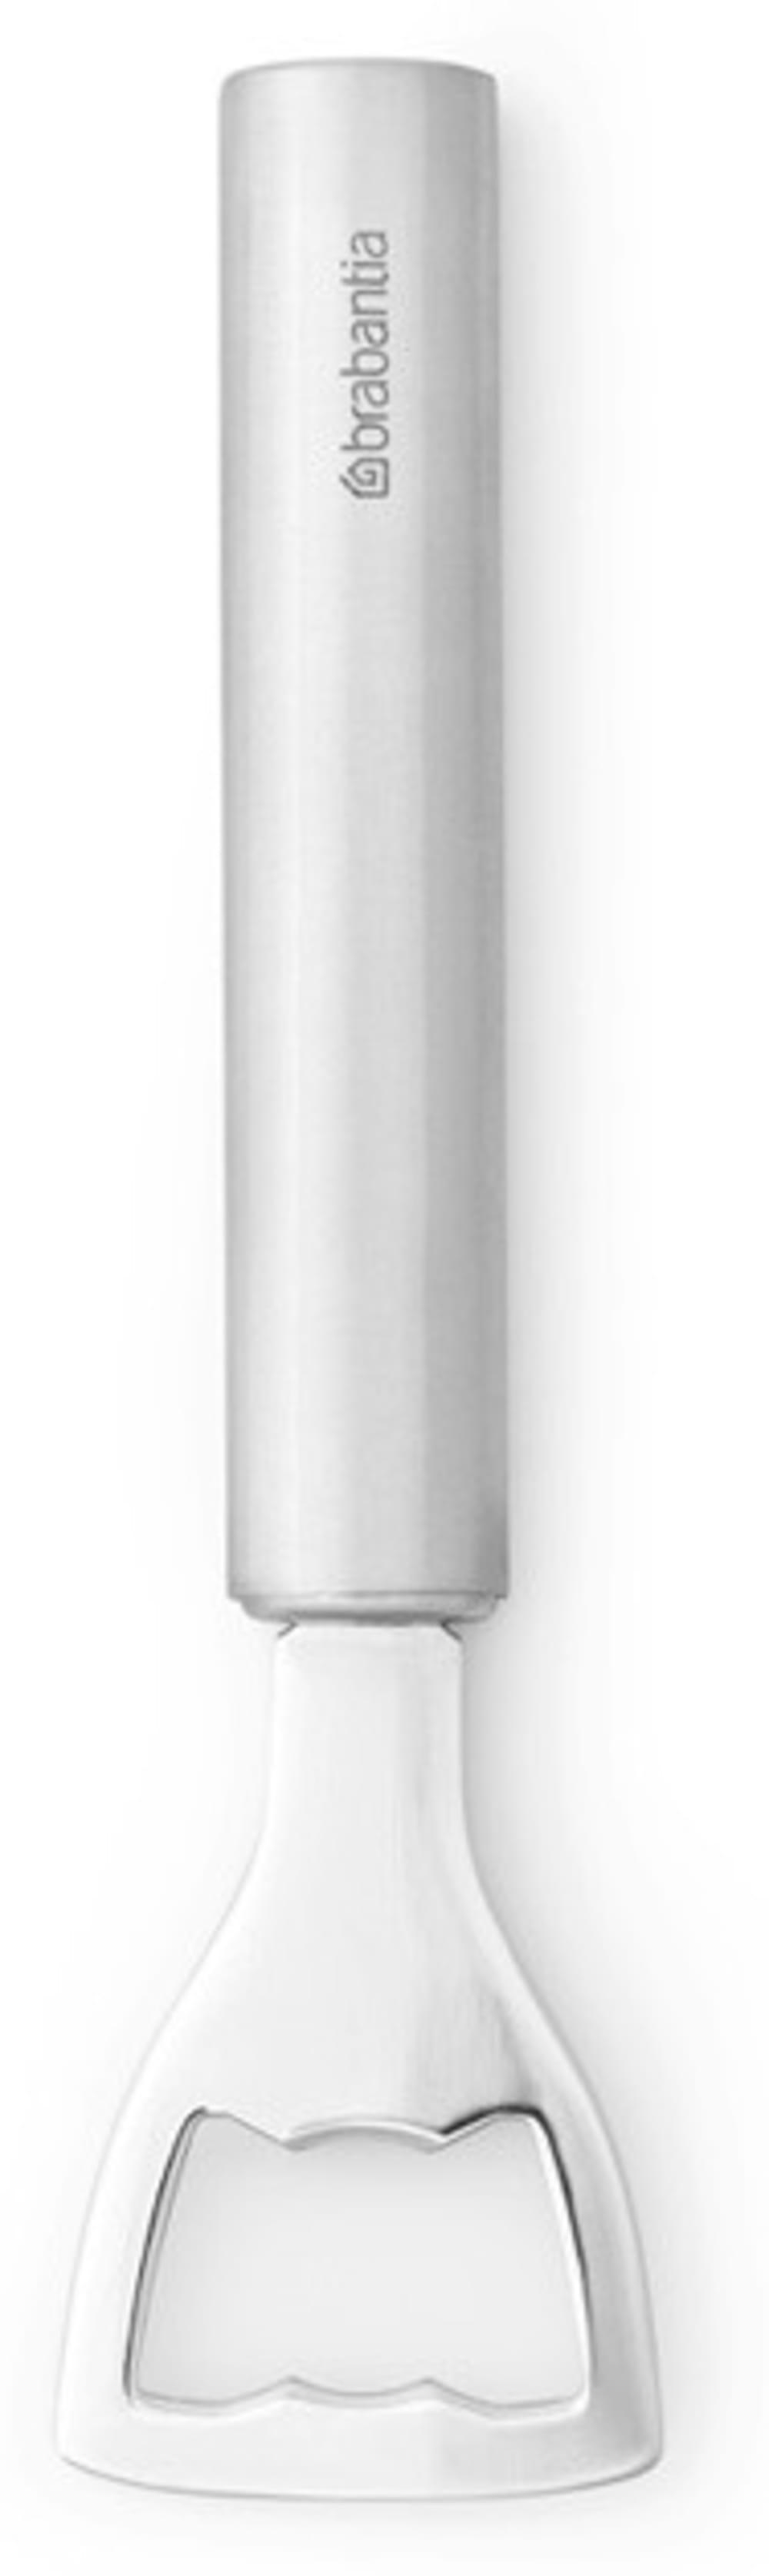 Otwieracz do butelek stalowy Profile